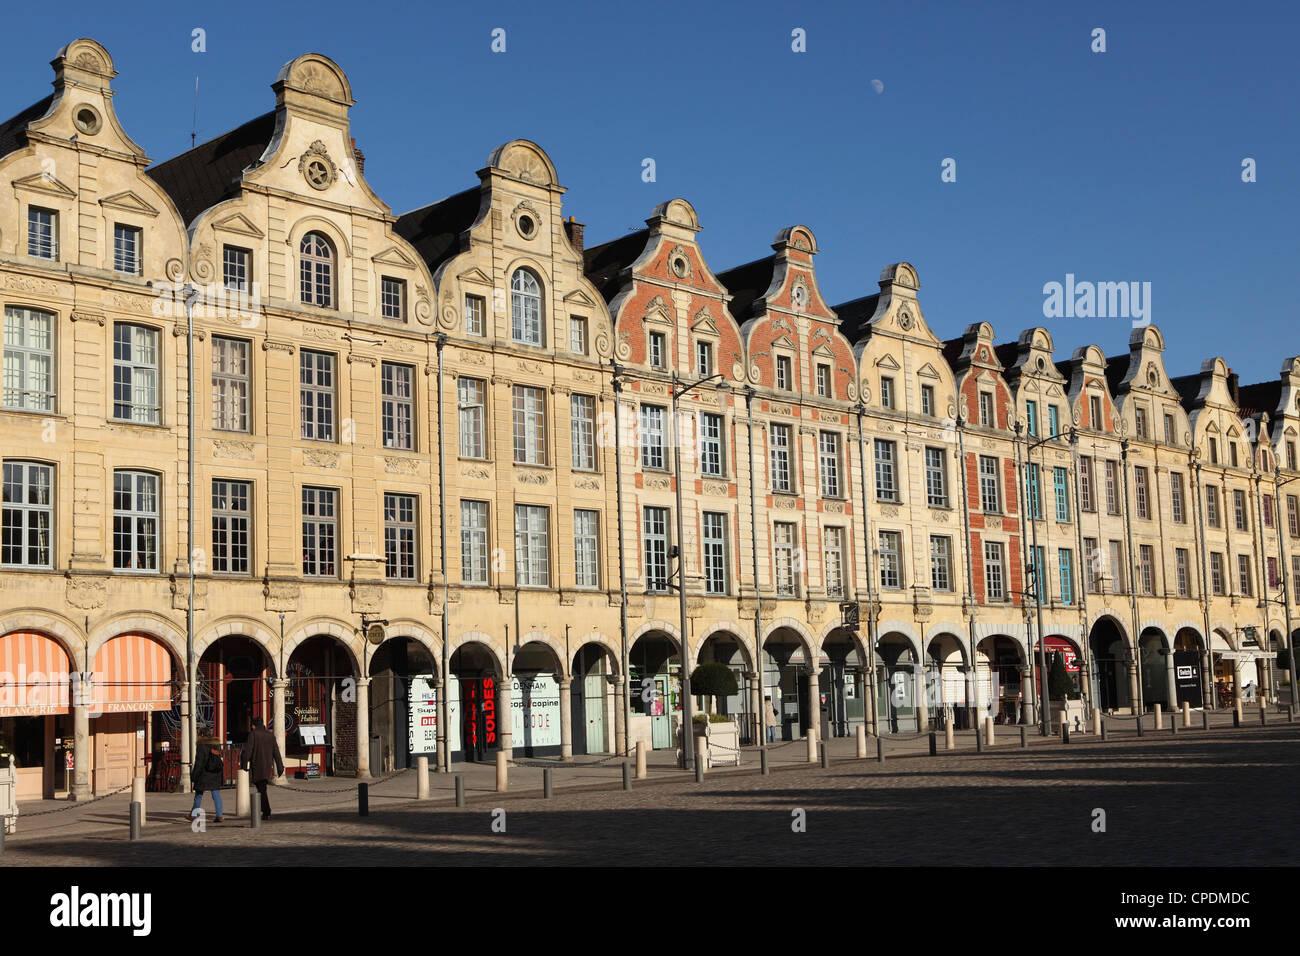 Flemish Baroque facades at the cobbled Petite Place (Place des Heros), Arras, Nord-Pas de Calais, France, Europe - Stock Image